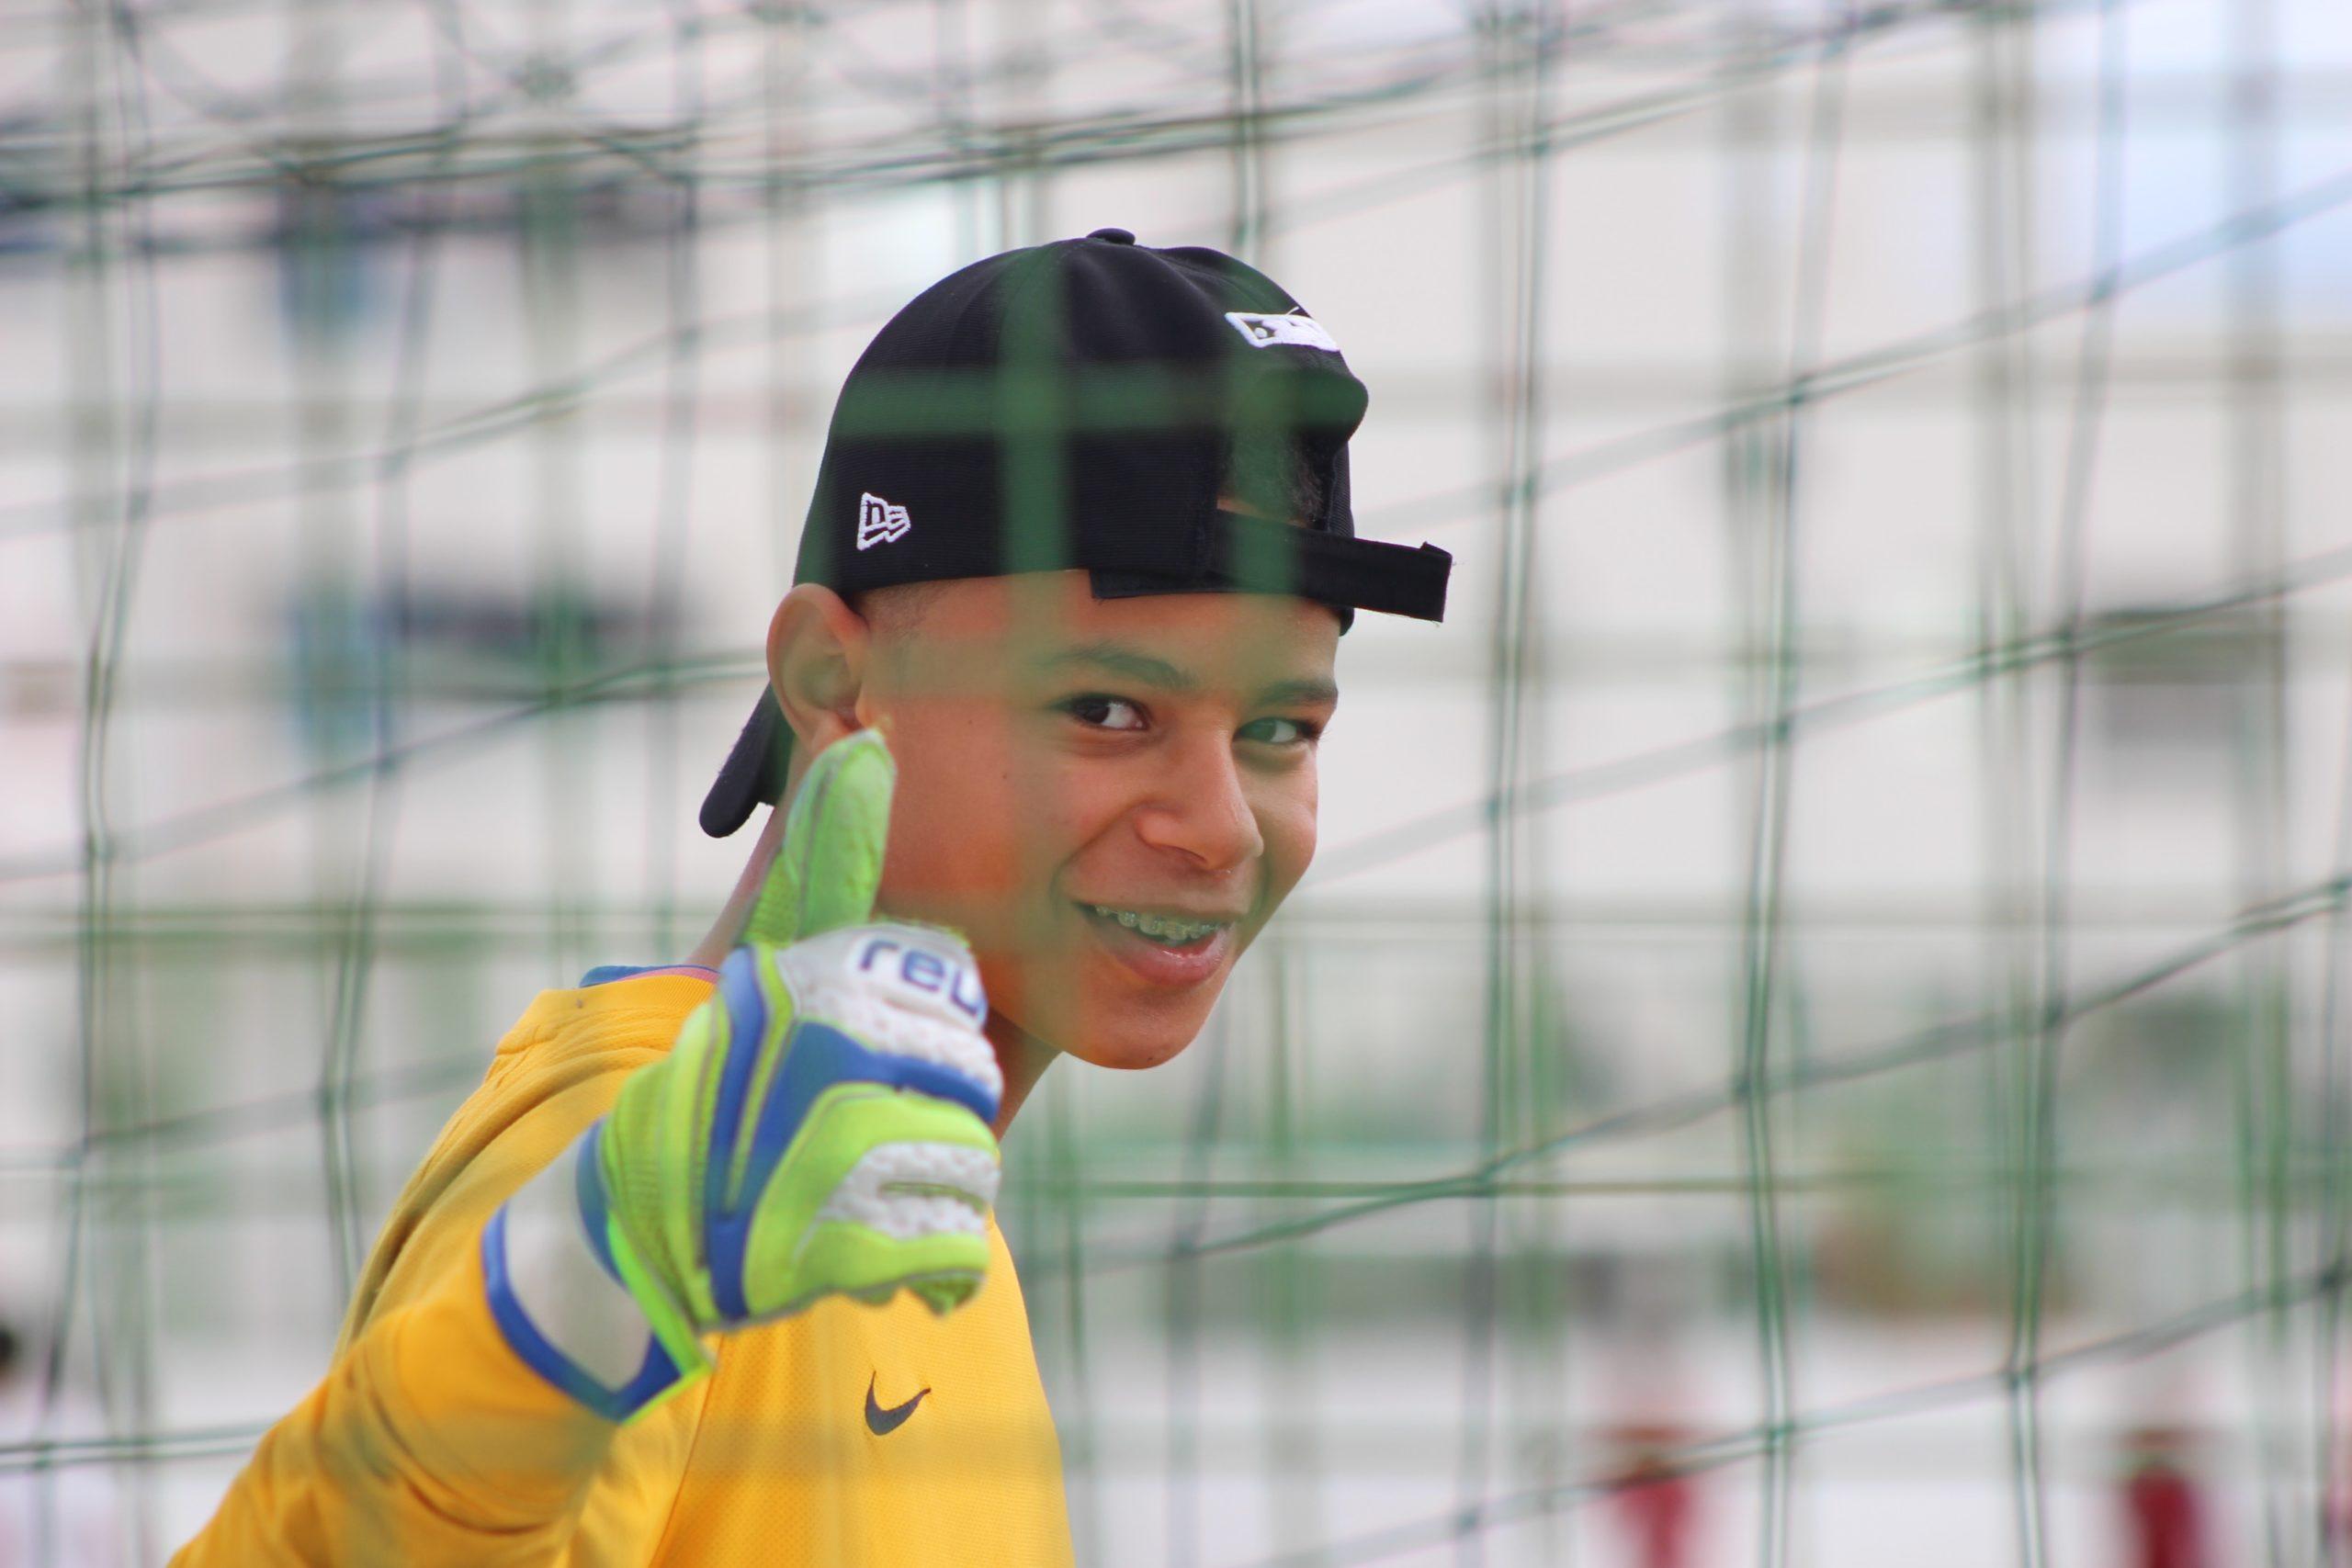 Talentherkenning in sport  - Basic (online)